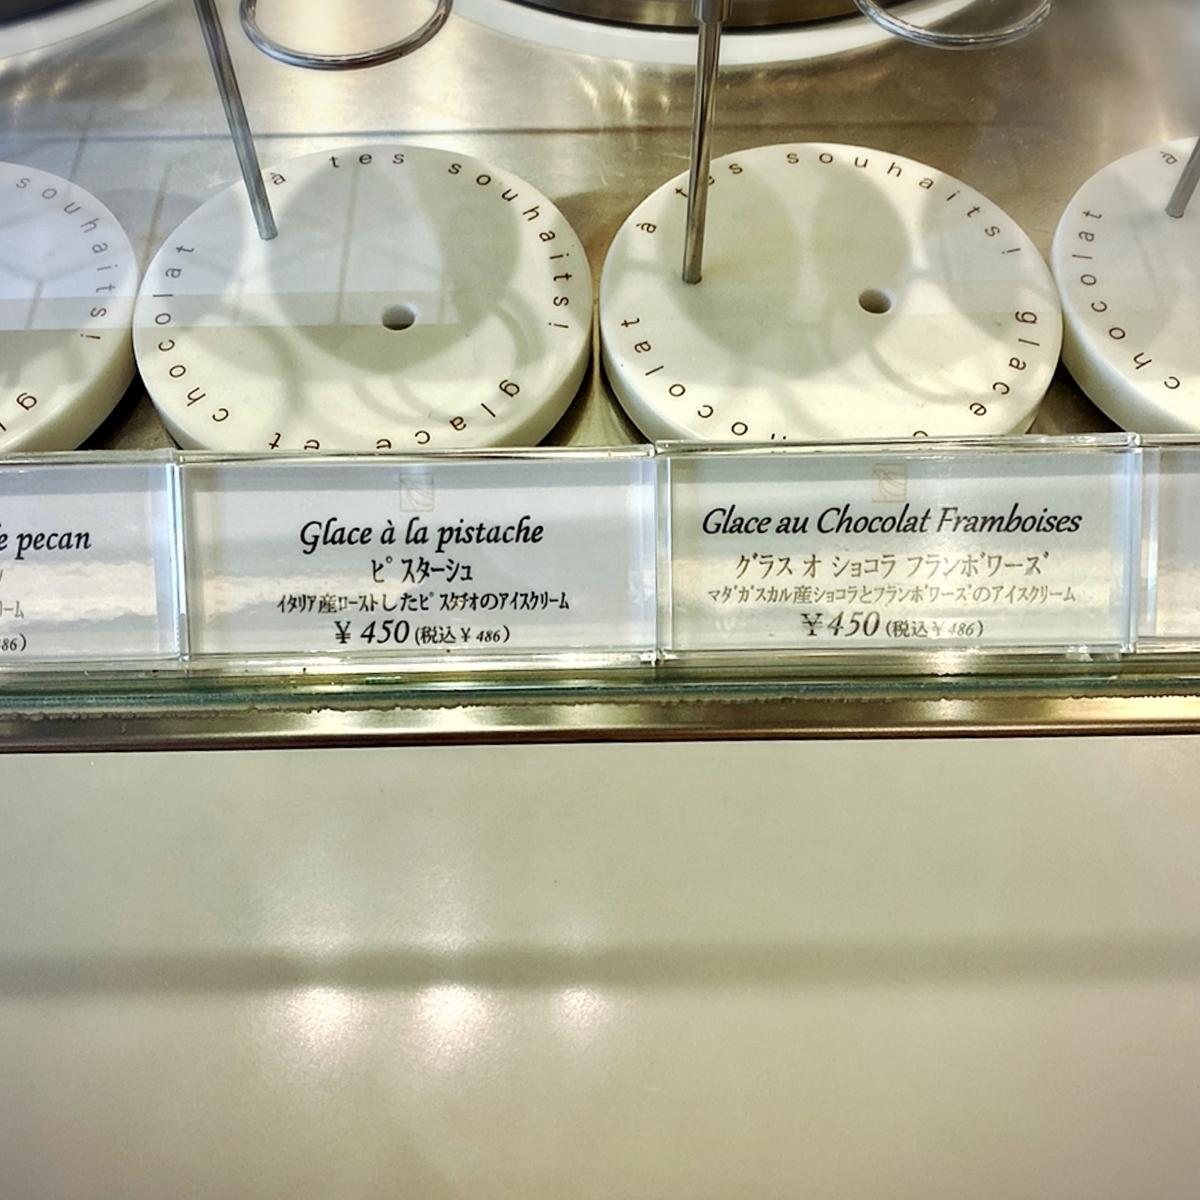 「アテスウェイ グラスエショコラ」のメニューと値段1